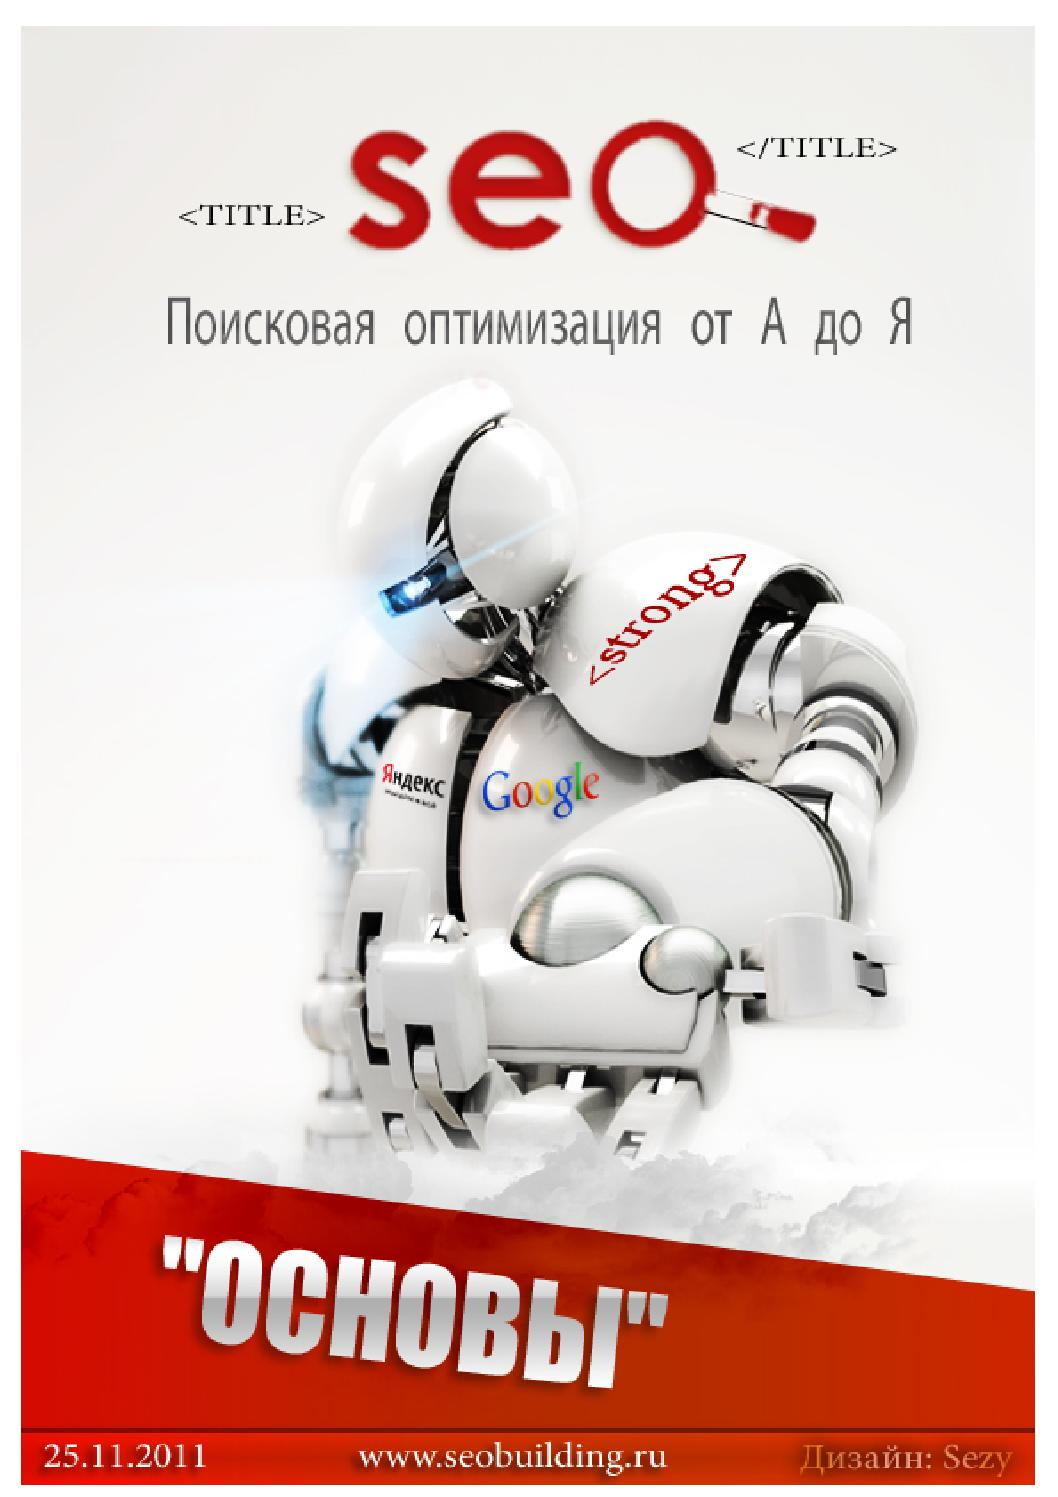 Разработка сайтов создание сайтов визиток 169 права защищены ооо техно создание сайтов manicure.kh.ua